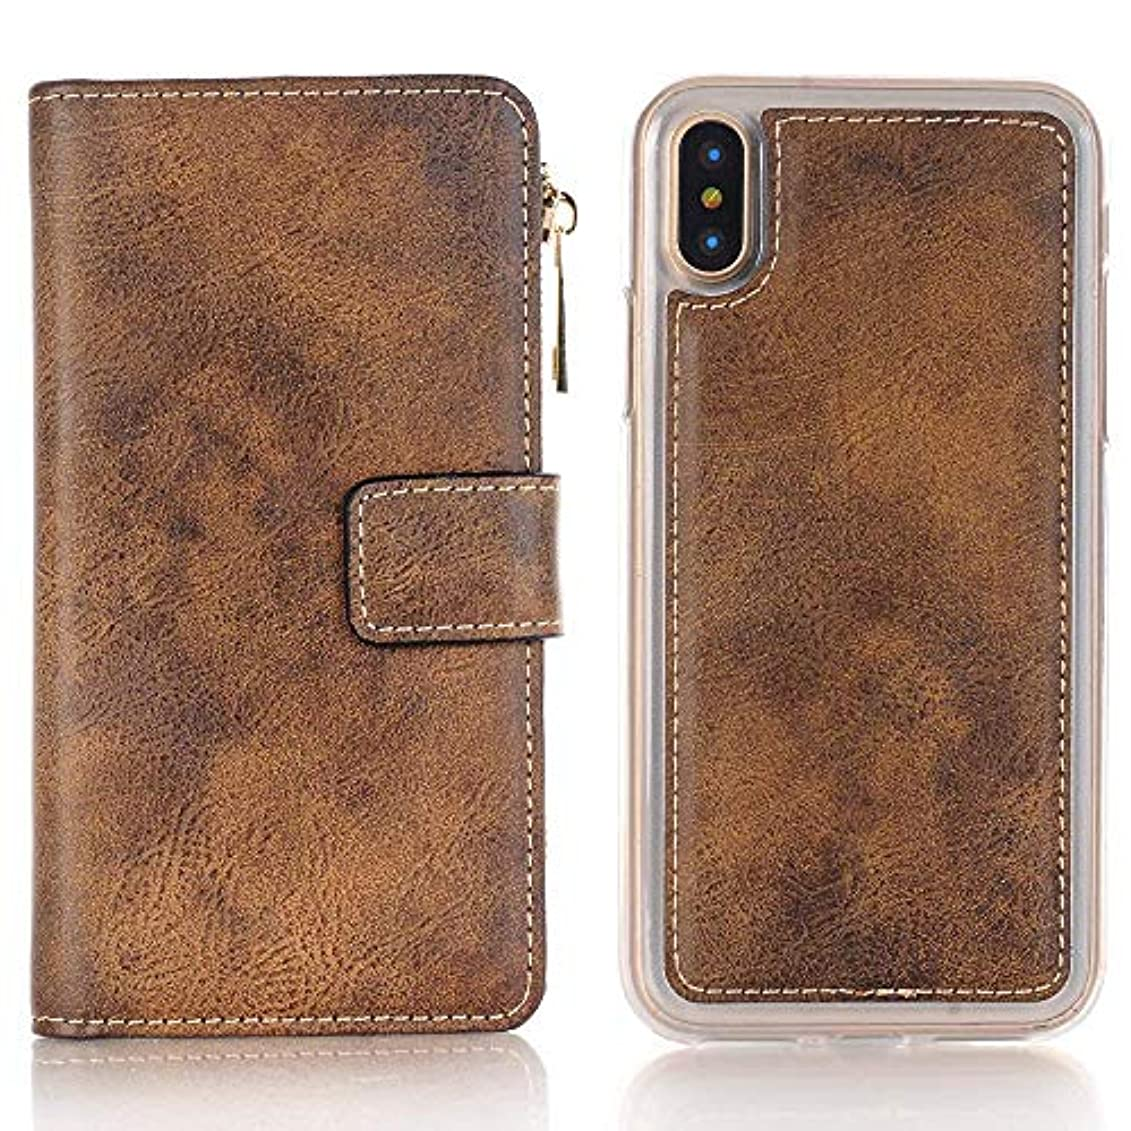 のヒープ求人模倣iPhone ケース 手帳型 INorton 全面保護カバー 耐衝撃 レンズ保護 カード収納 分離式 高品質レザー シリコン 軽量 マグネット式